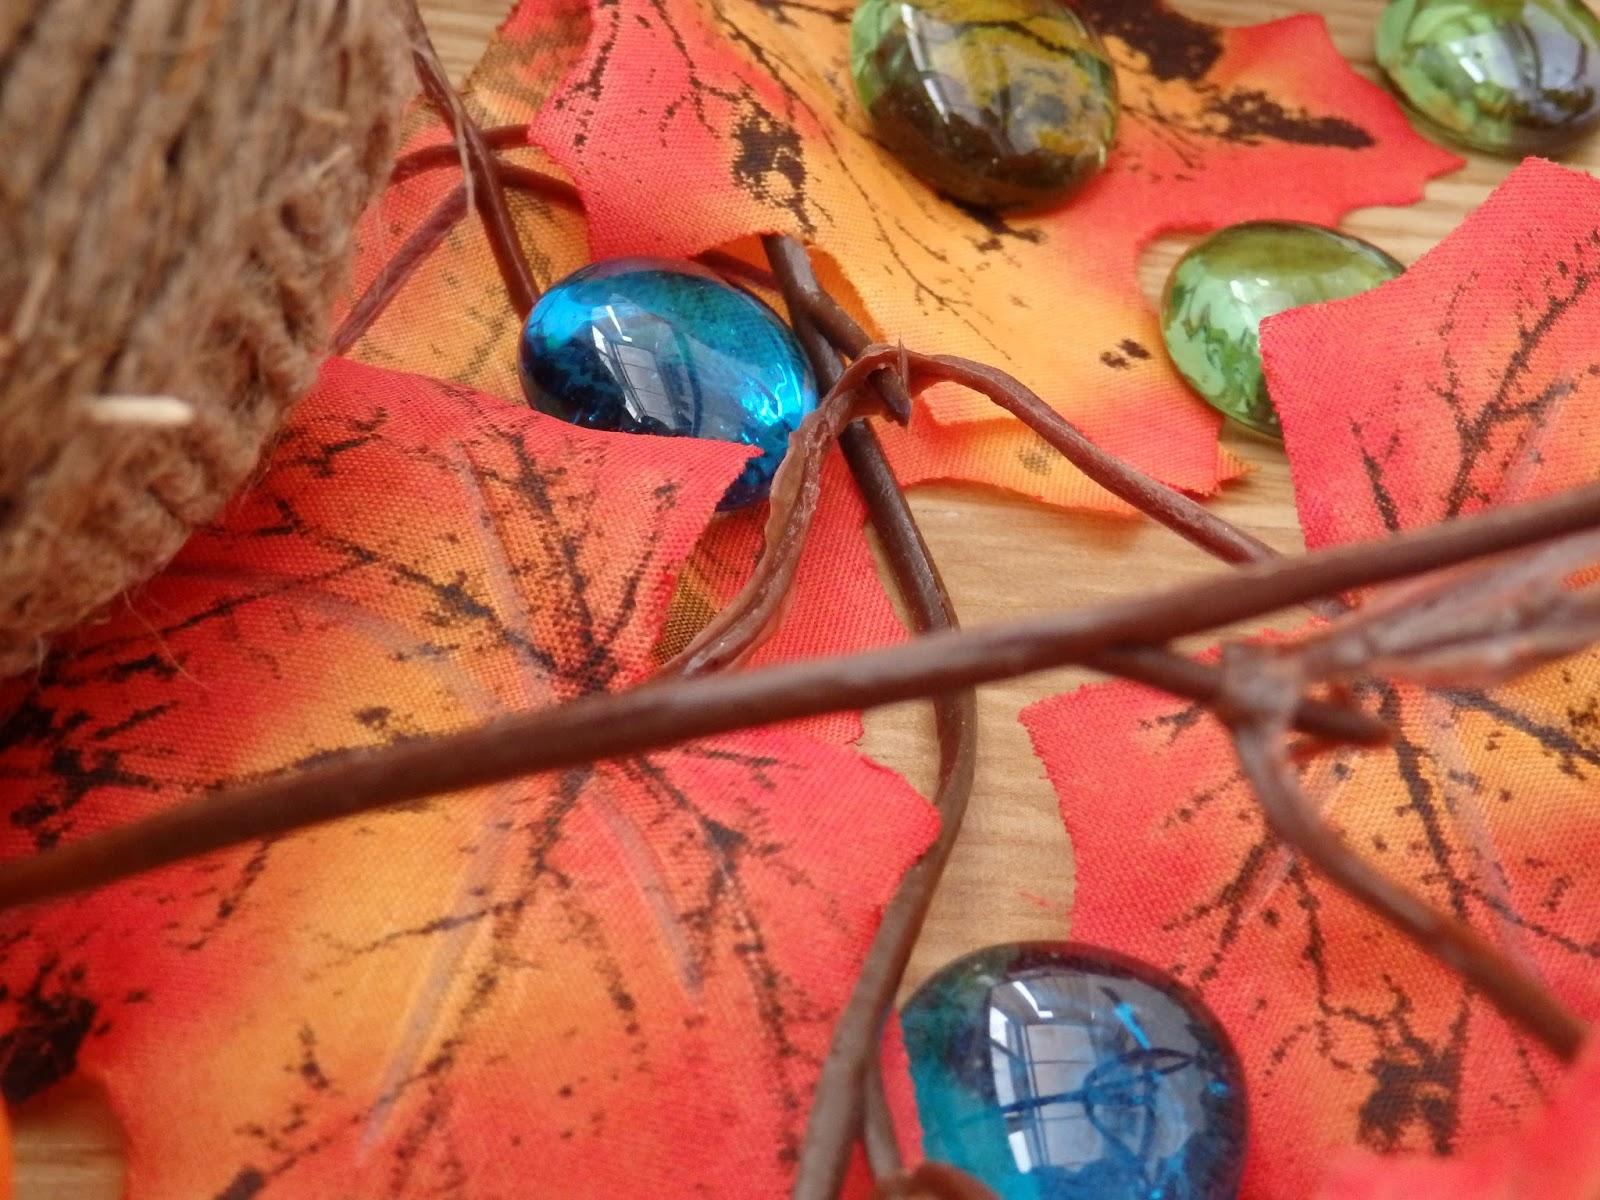 веревка, шпагат, стеклянные камушки, камни, капли